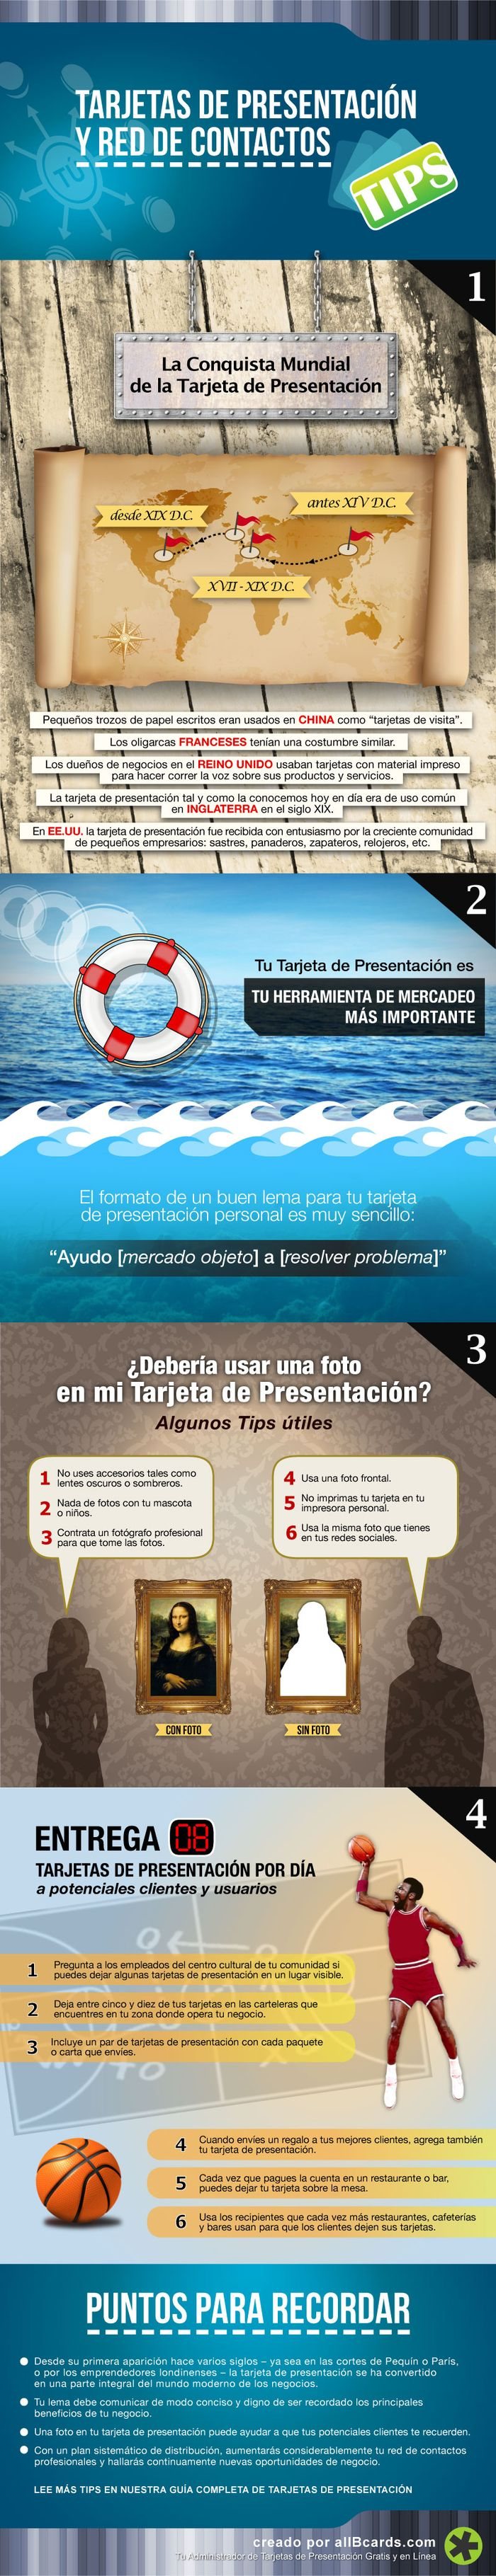 Infografía Tarjetas de Presentación y Red de Contactos Tips allBcards 1